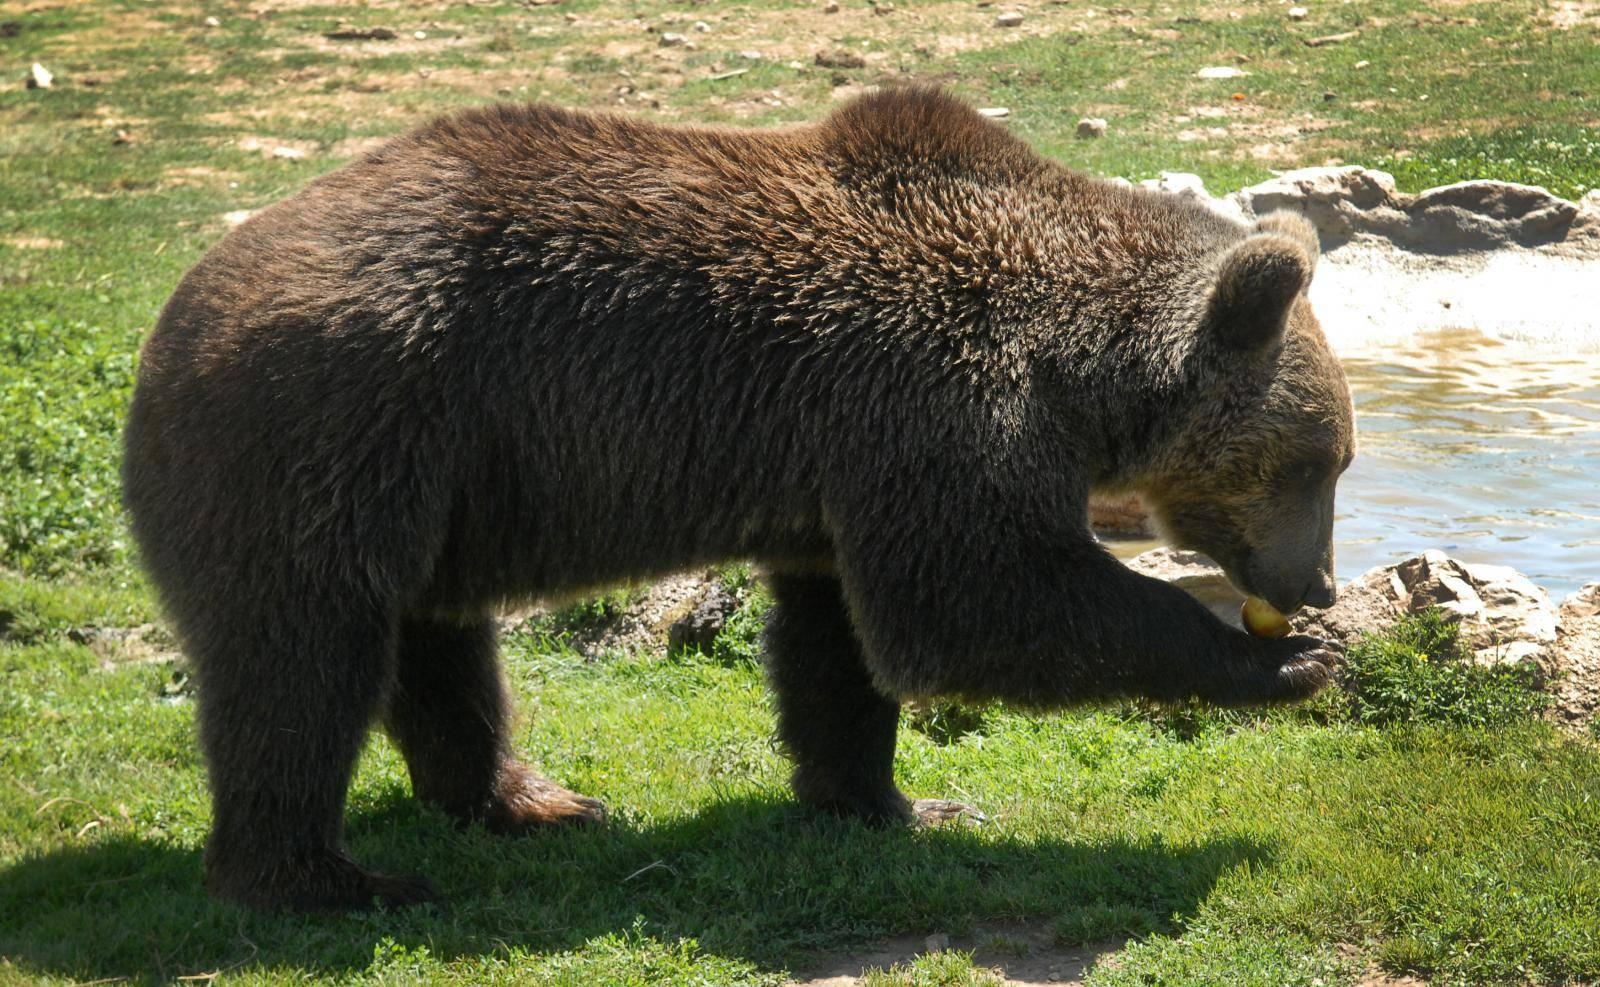 Smrtnost medvjeda koji žive blizu ljudi 7,5 puta je veća nego kod onih koji žive dalje od nas